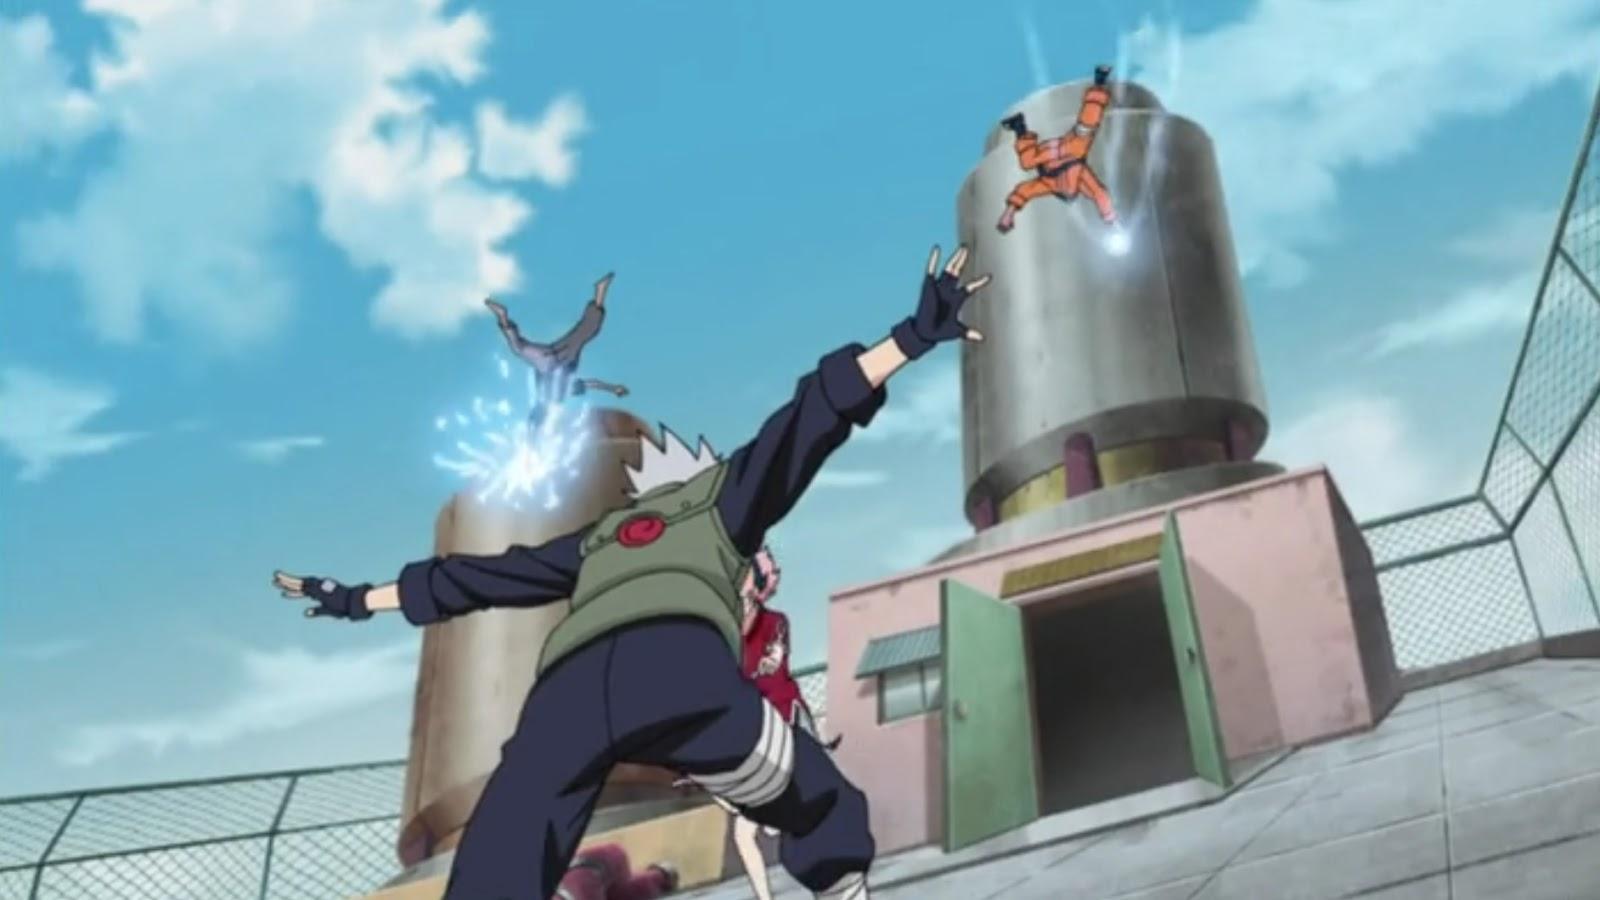 Naruto Shippuden Episódio 259, Assistir Naruto Shippuden Episódio 259, Assistir Naruto Shippuden Todos os Episódios Legendado, Naruto Shippuden episódio 259,HD